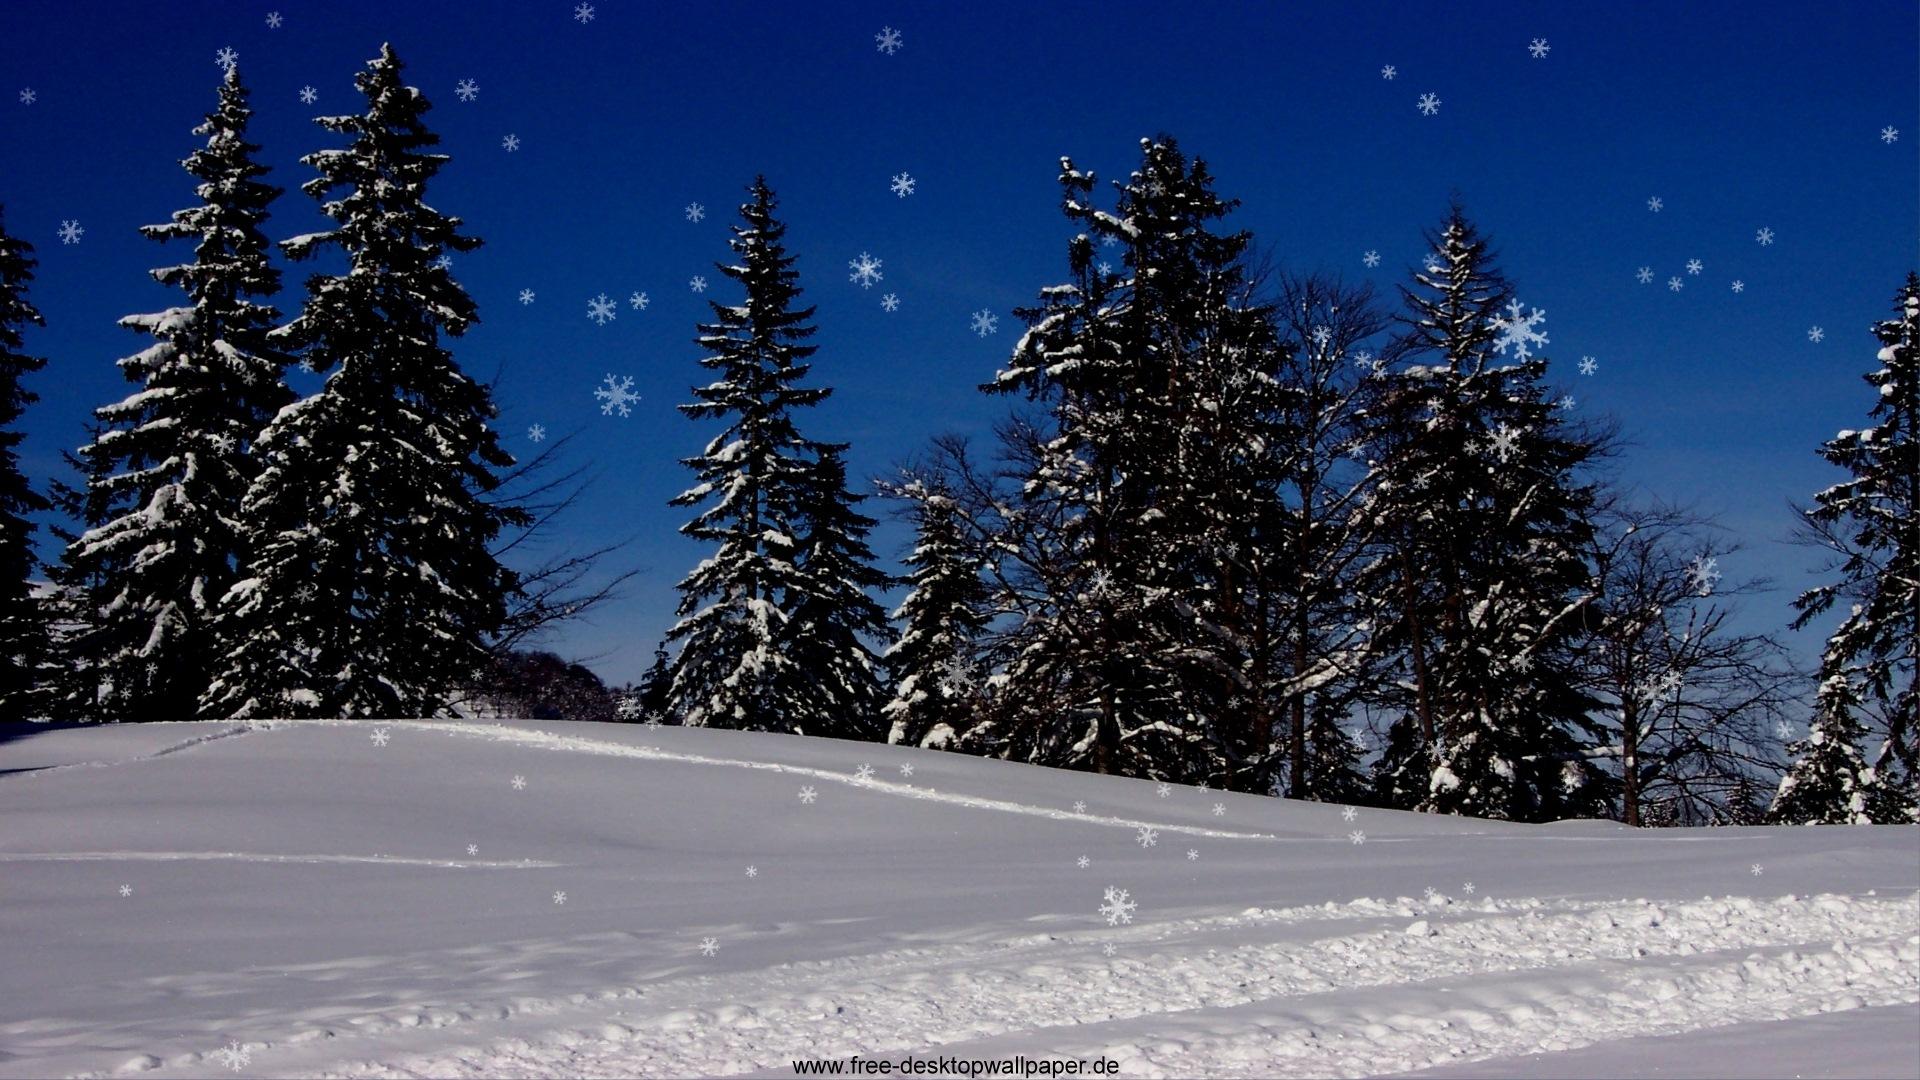 Animated christmas snow wallpaper wallpapersafari - Christmas nature wallpaper ...